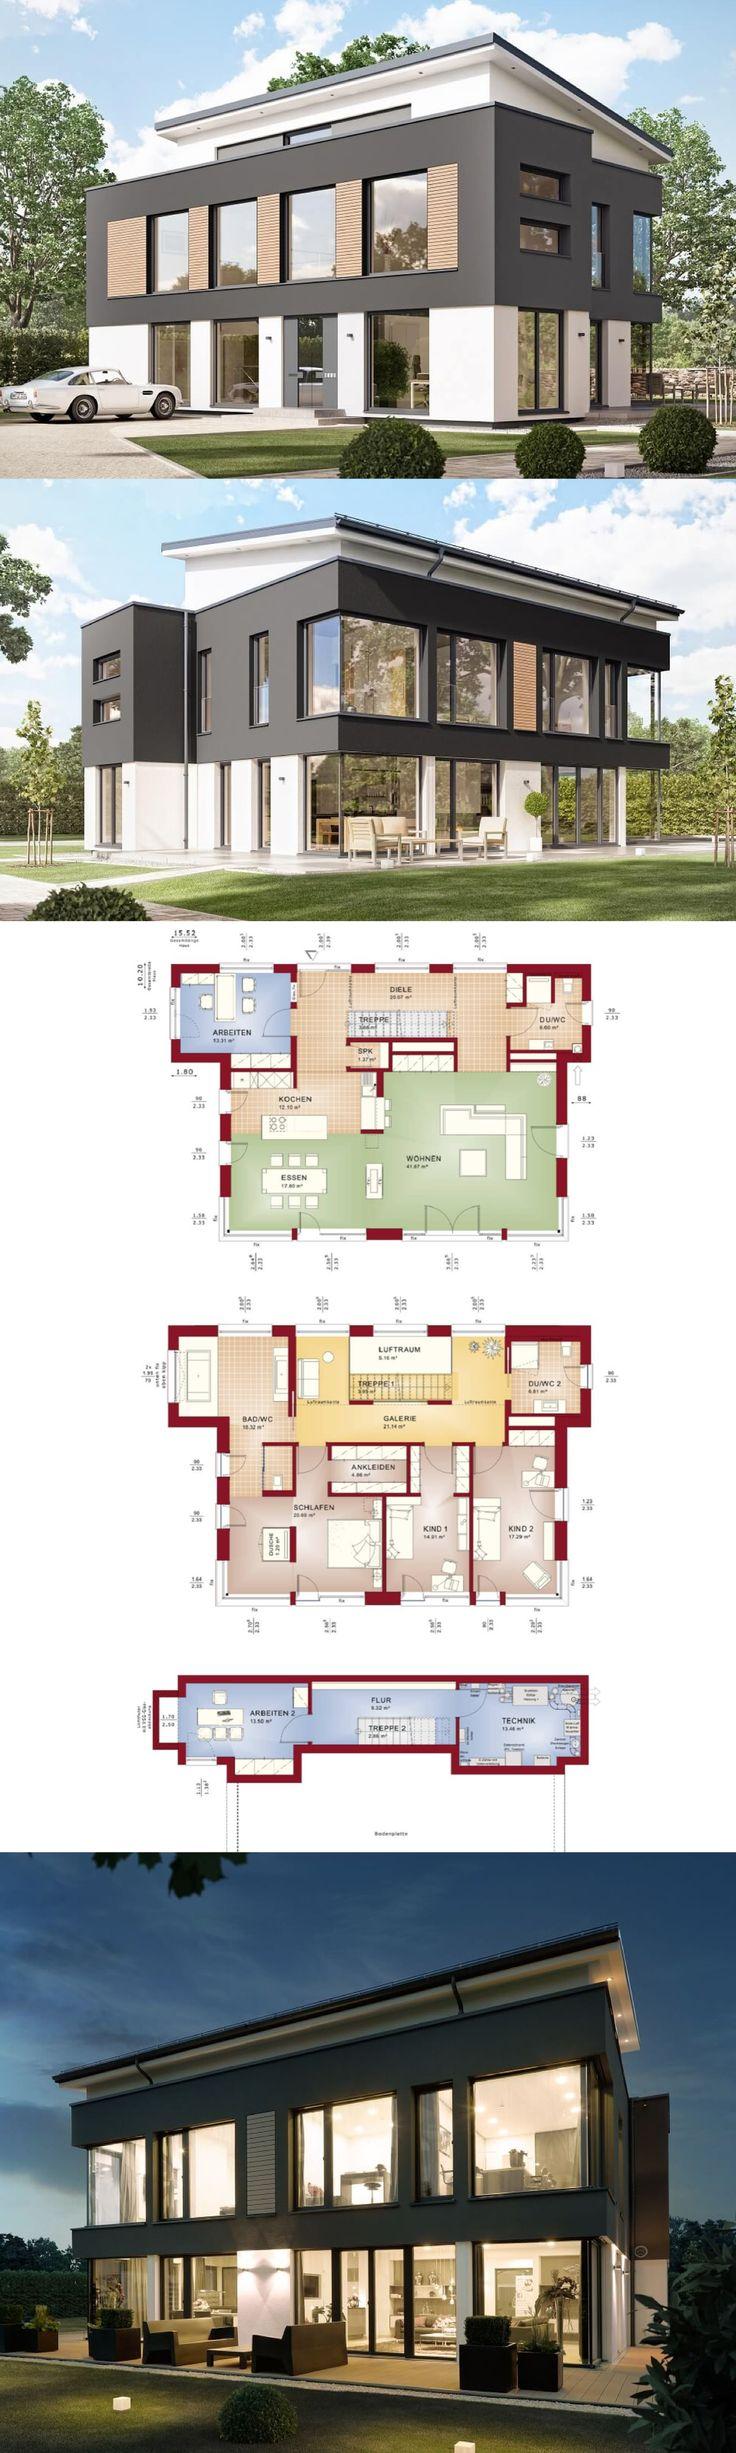 Stadtvilla Concept-M 188 Wuppertal Bien Zenker – Haus bauen mit Pultdach Grundriss modern offen – HausbauDirekt.de